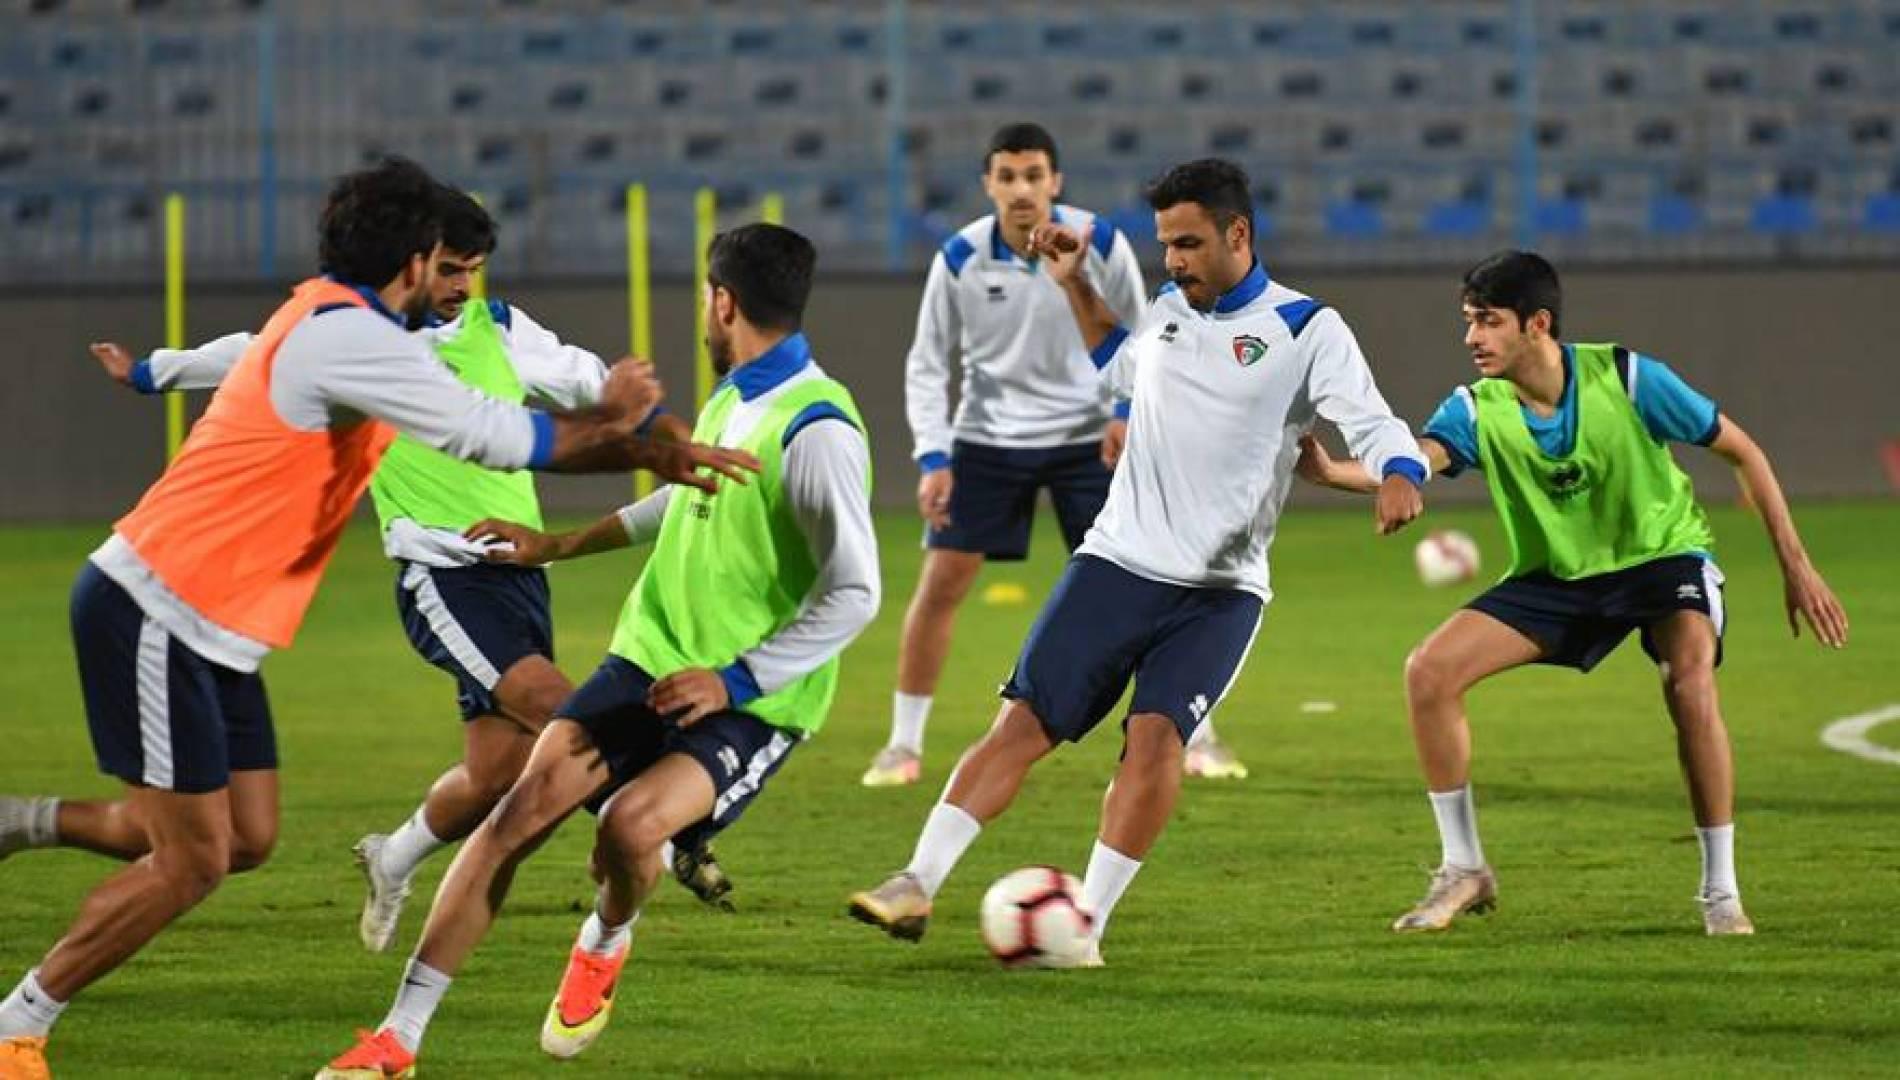 اختيار 26 لاعبًا لقائمة منتخب الكويت استعداداً لمواجهة فلسطين ودياً